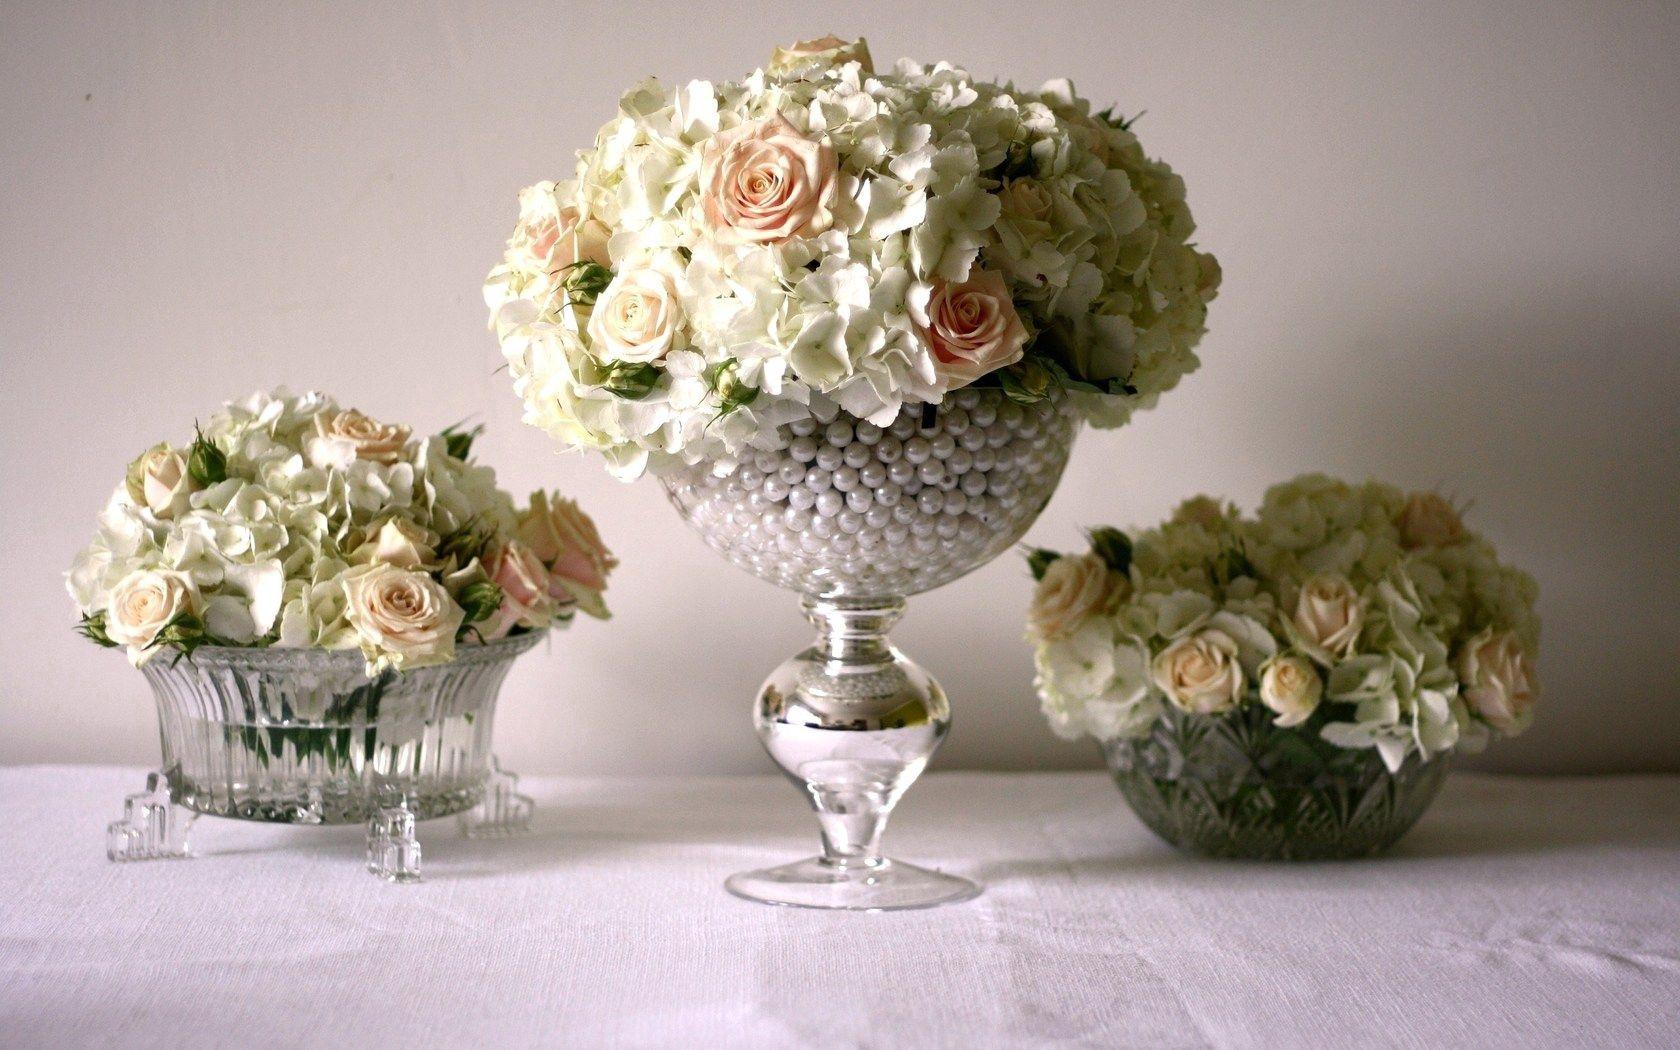 124326 télécharger le fond d'écran Fleurs, Vase, Vases, Beauté, Tendresse, Roses, Bouquets - économiseurs d'écran et images gratuitement